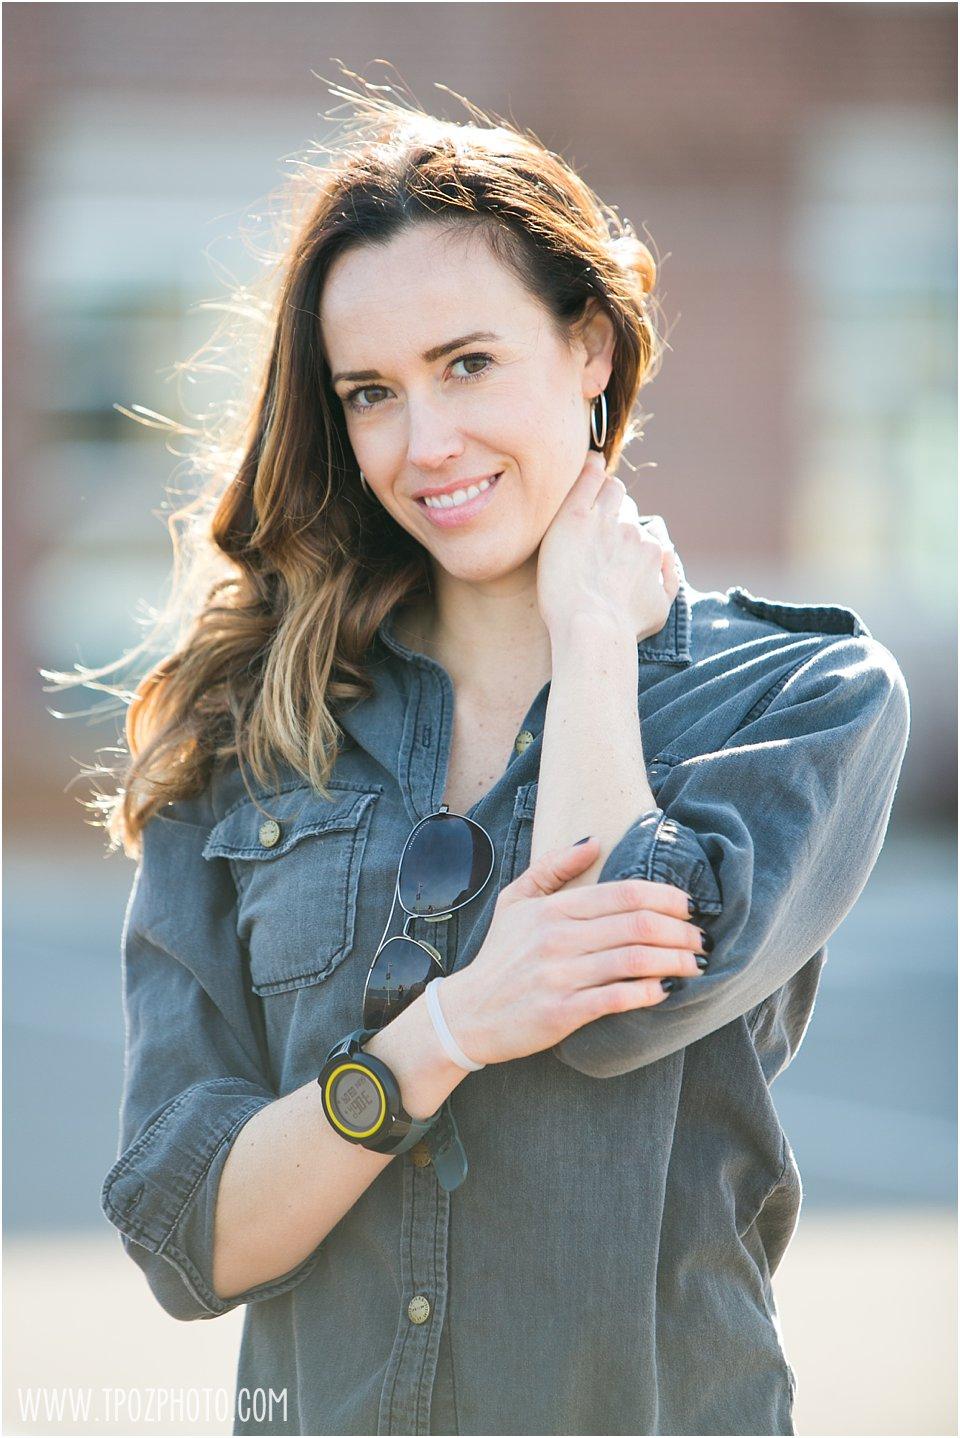 Heather Hatfield